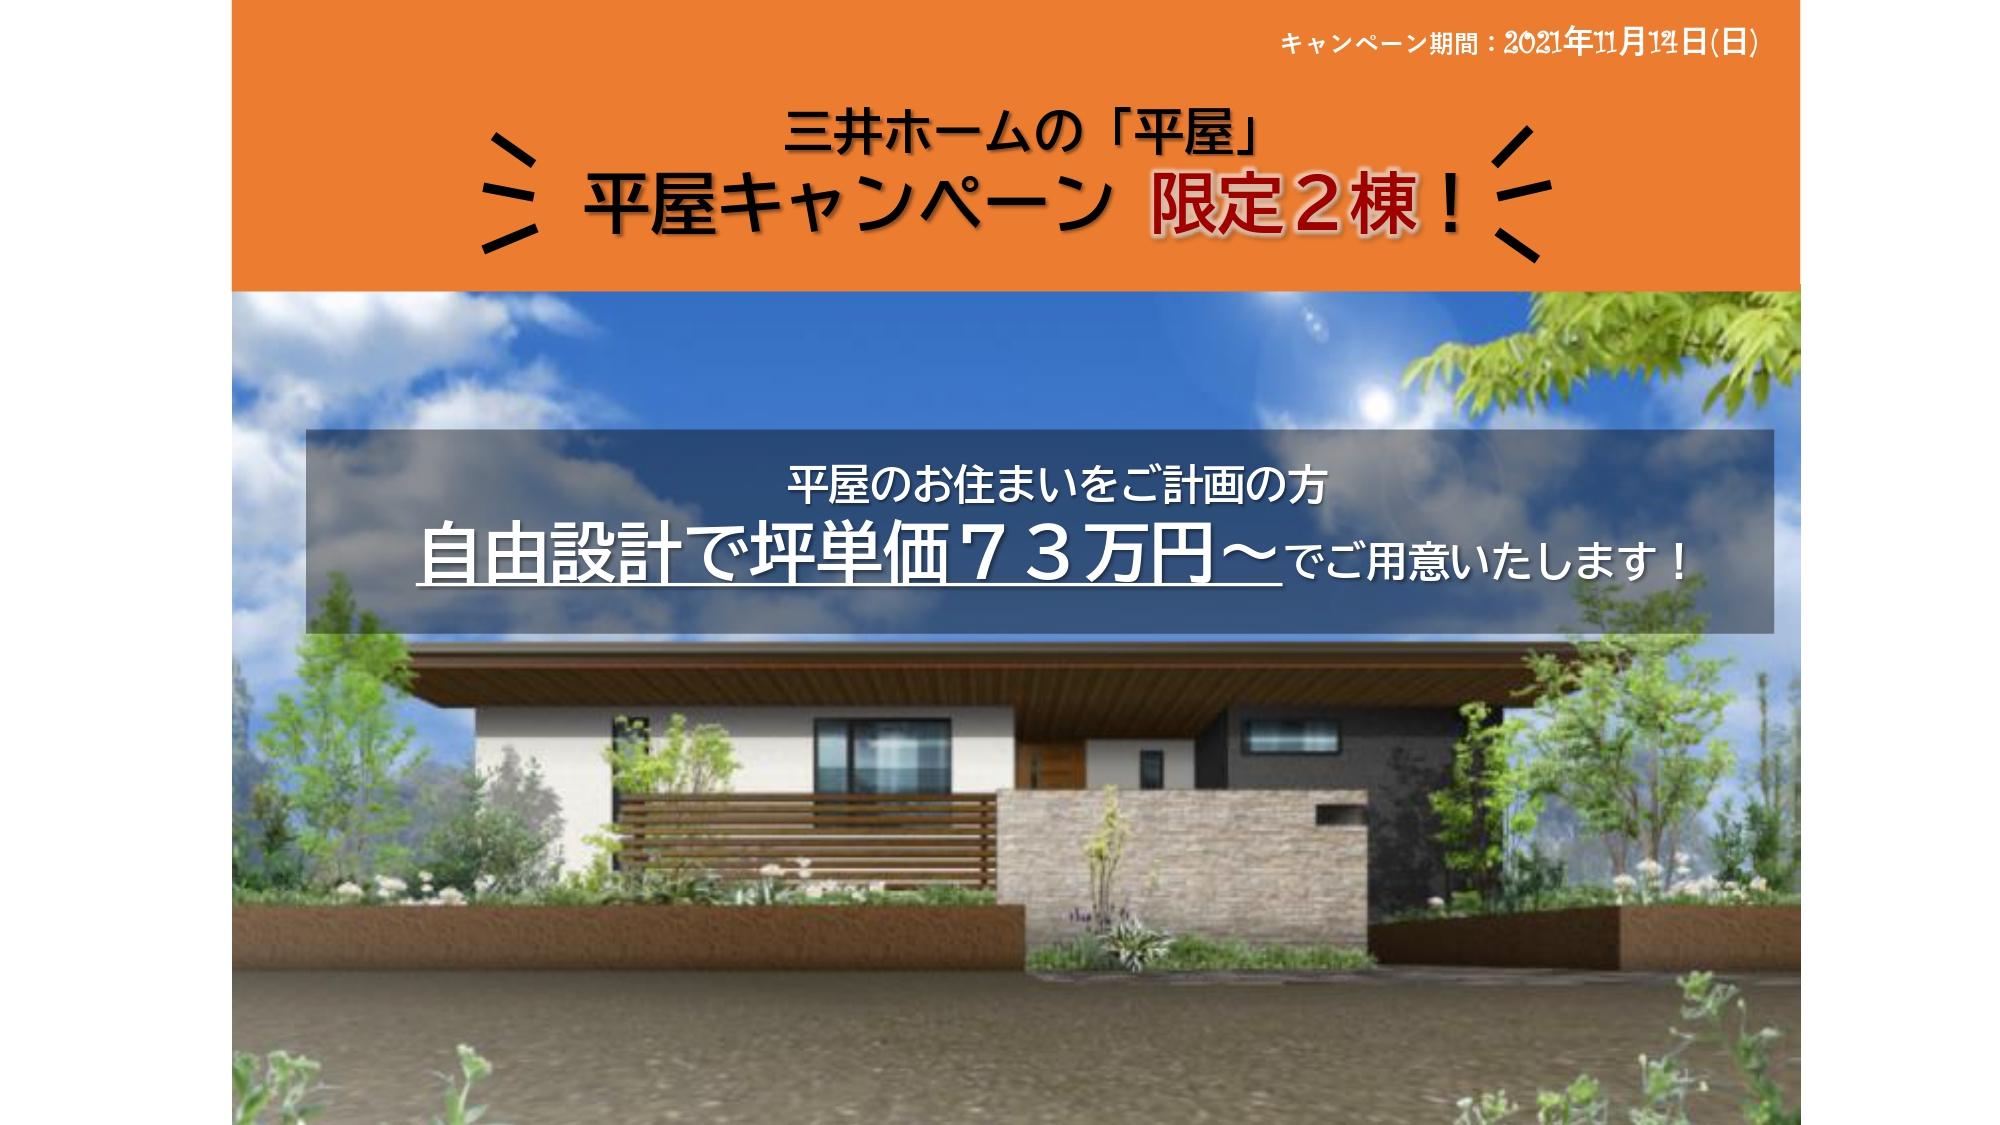 【三井ホーム】平屋キャンペーン